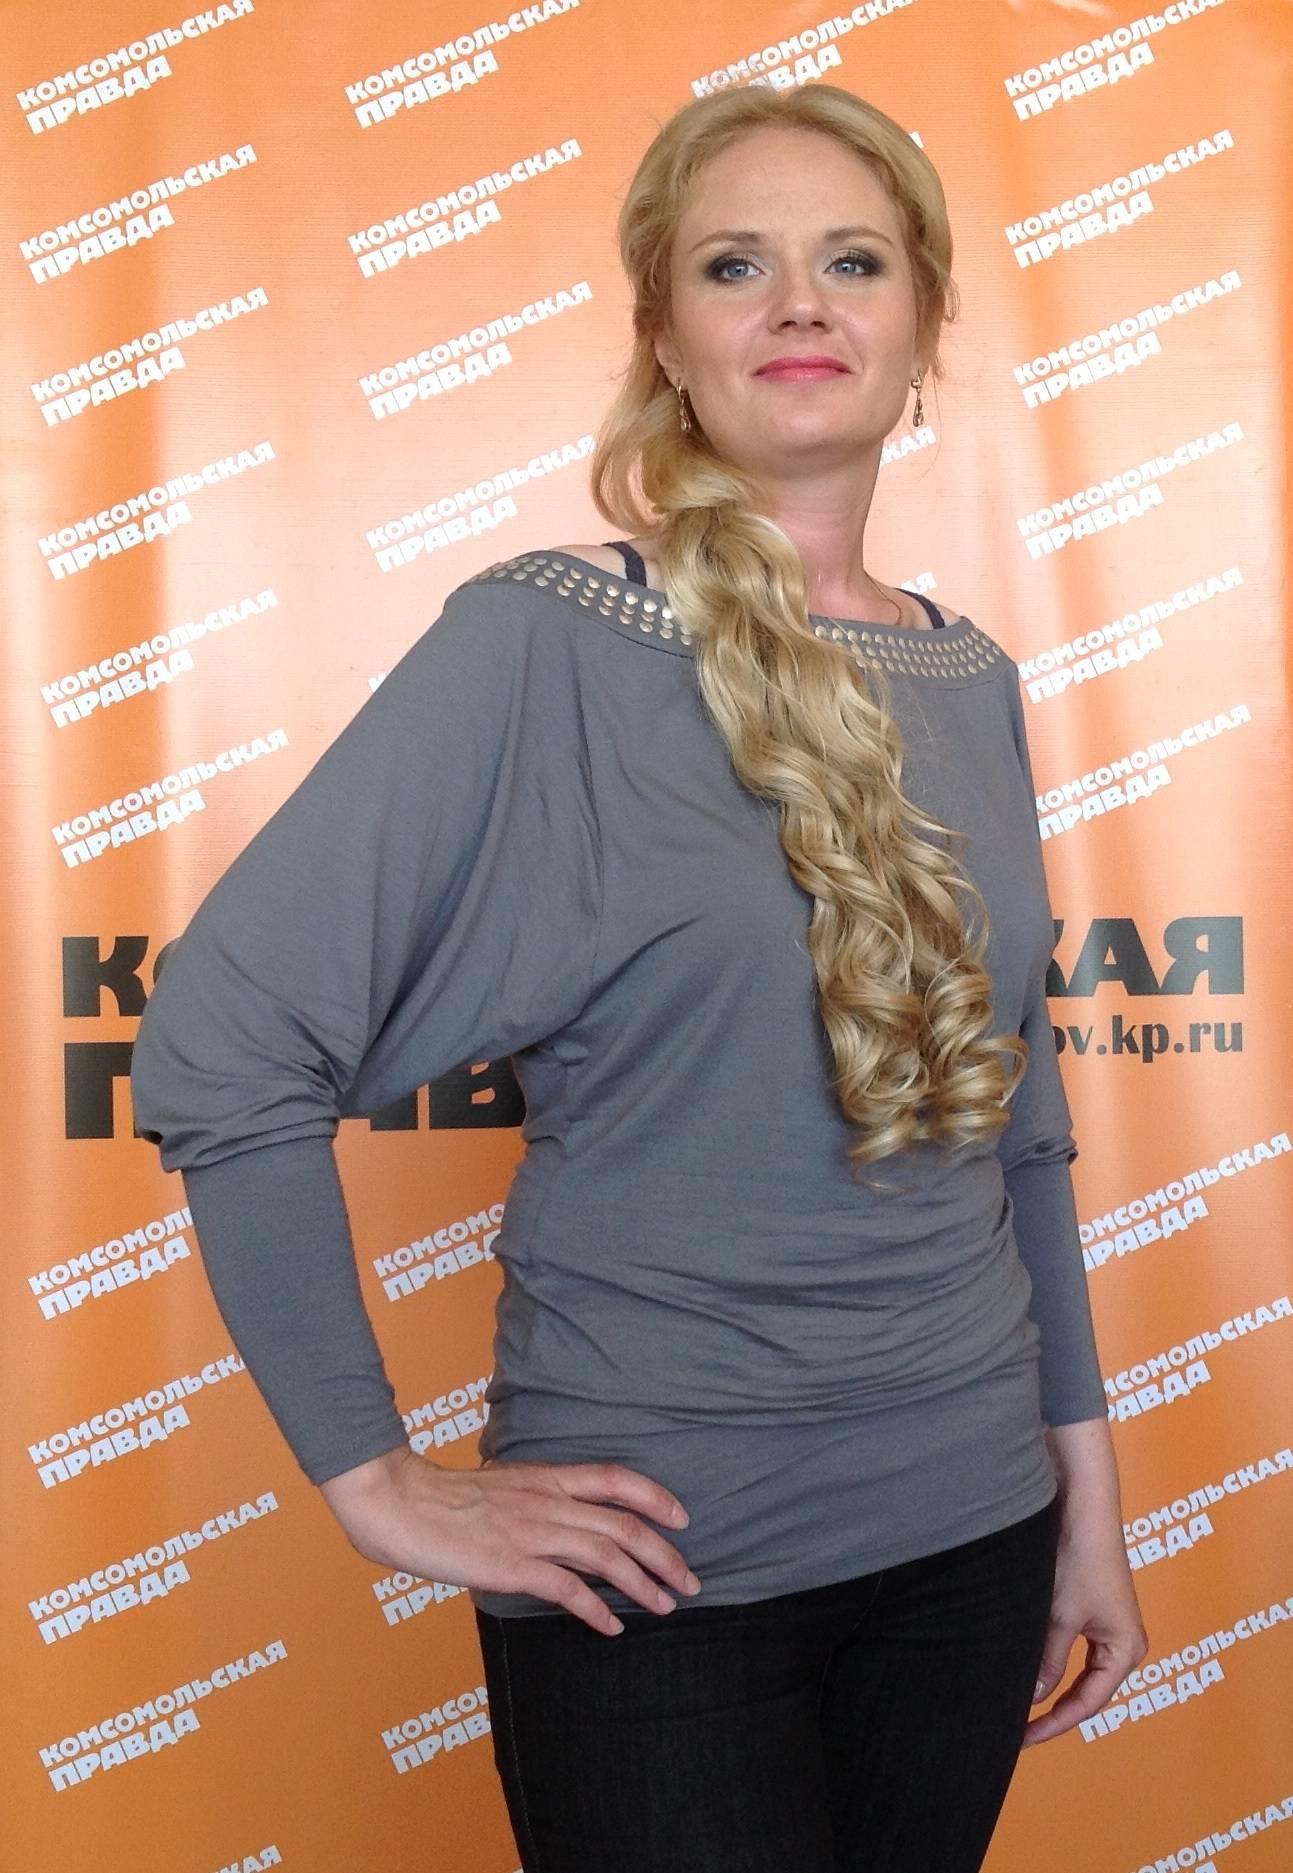 Светлана Козлова, интервью Комсомольской правде, Миссис Псков 2013